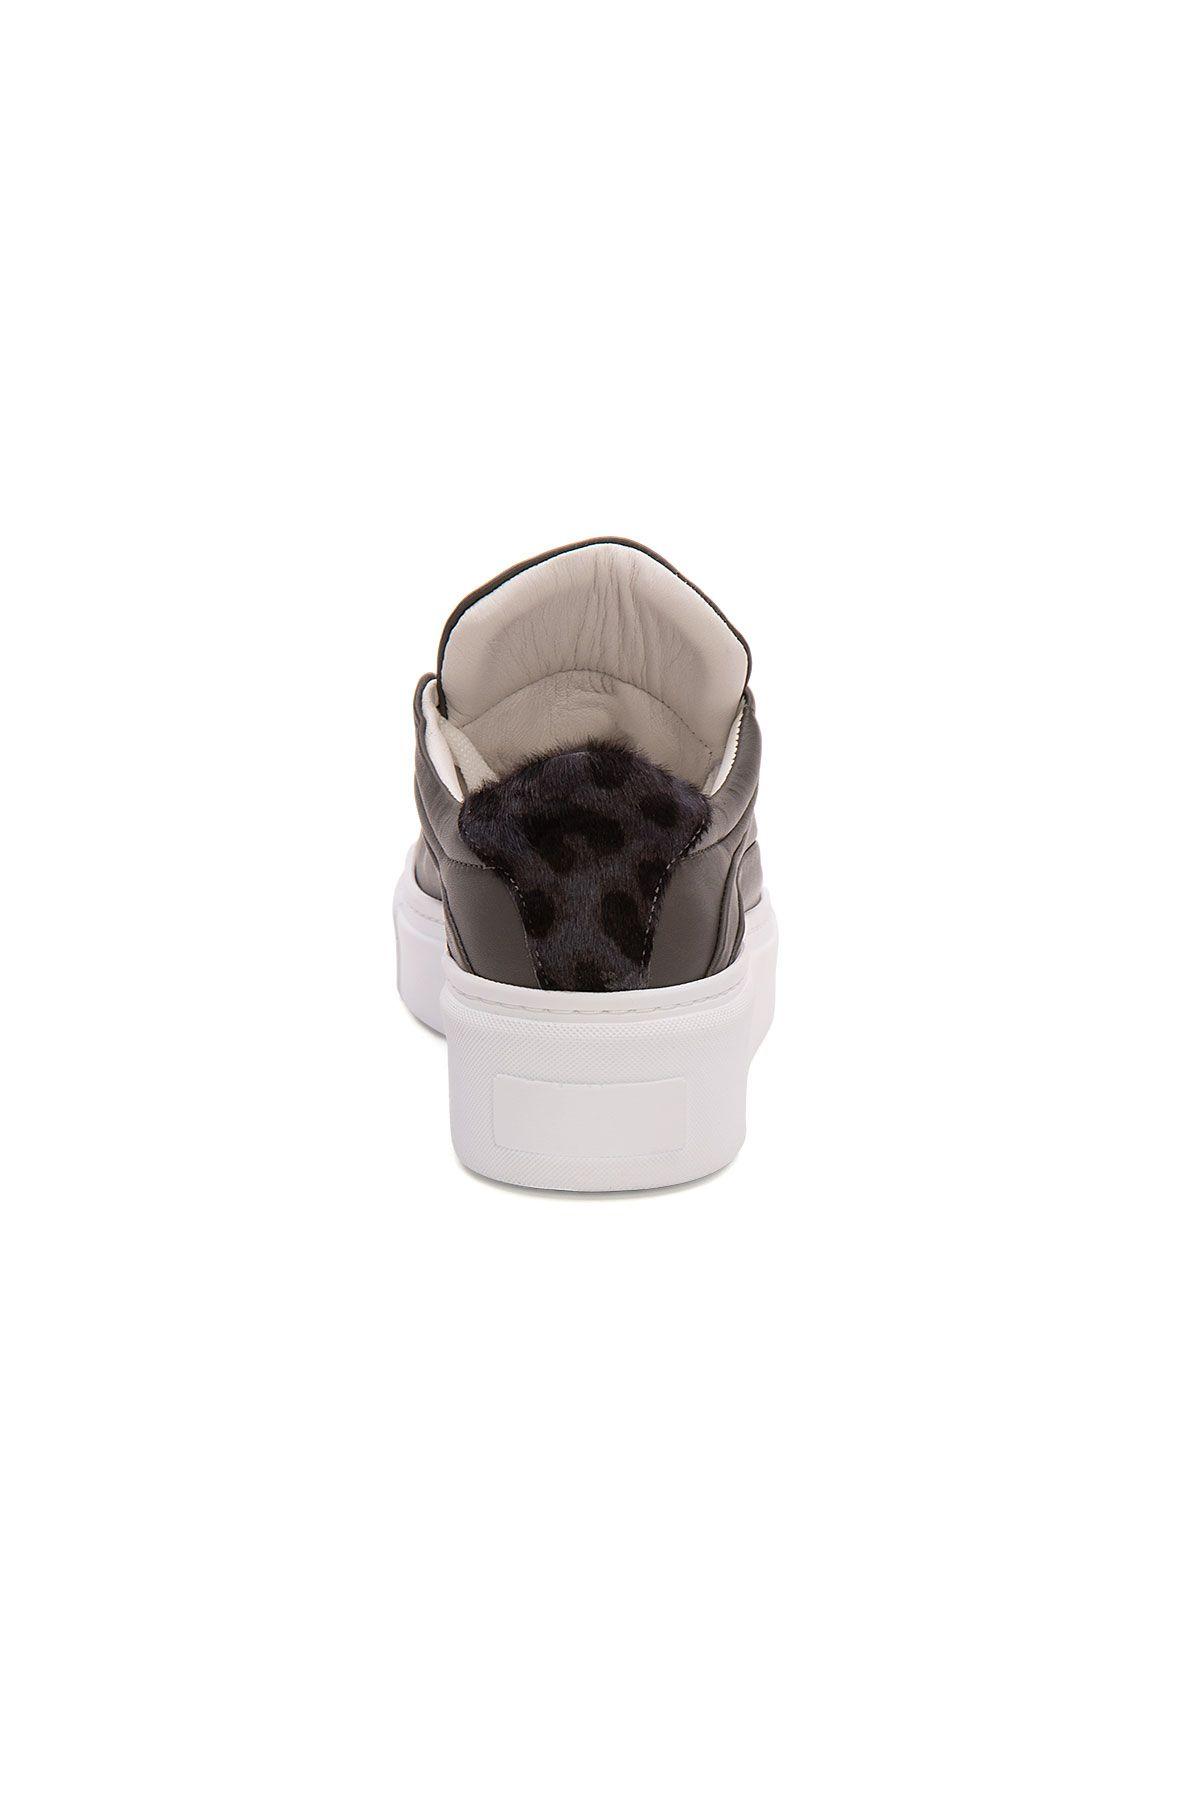 Pegia Genuine Leather Women's Sneaker LA1614 Gray